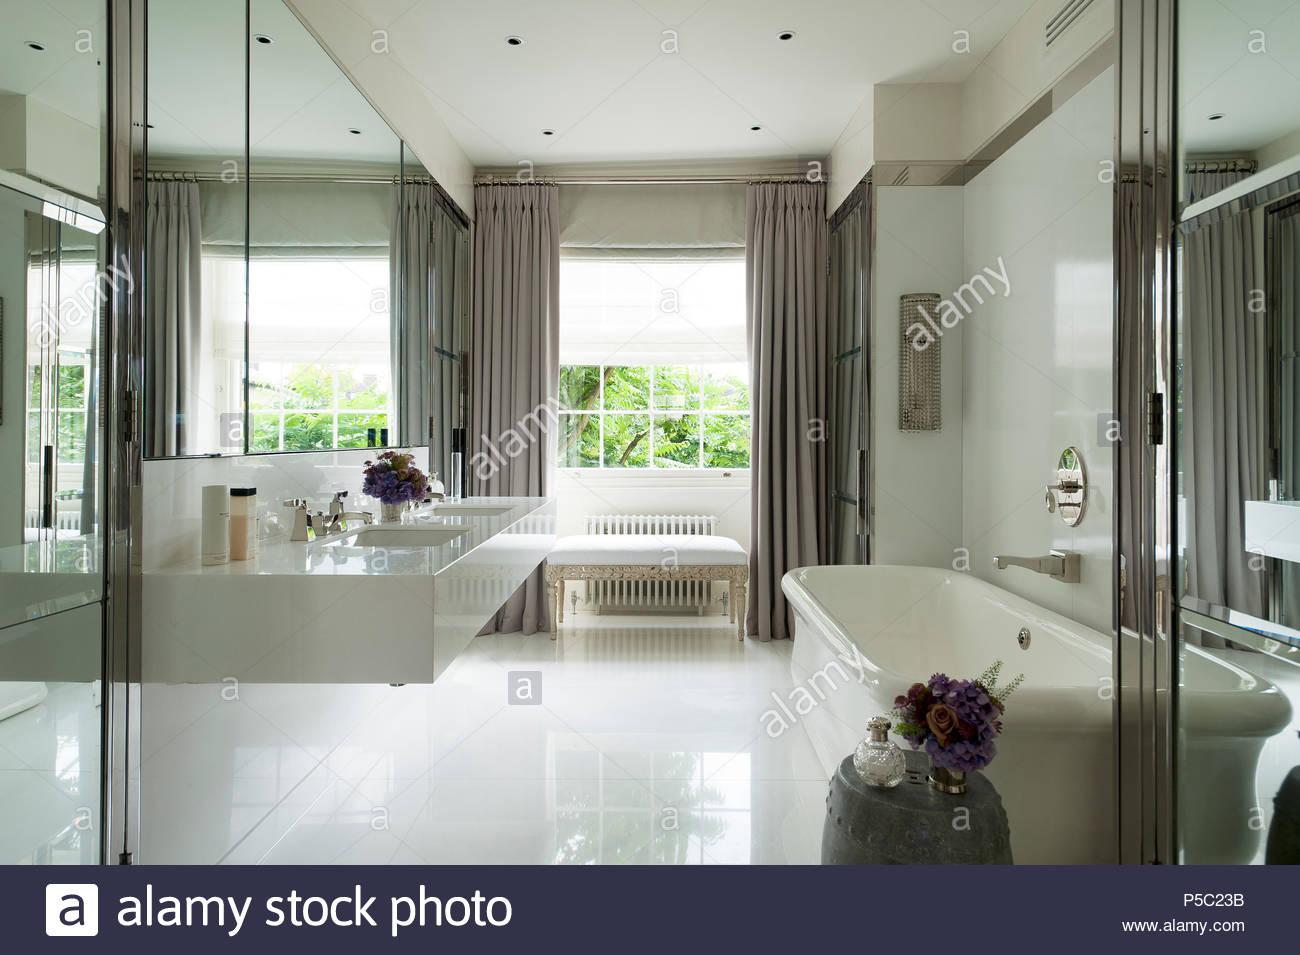 Sala Da Bagno Moderna : Lavandino e vasca da bagno in una moderna stanza da bagno foto